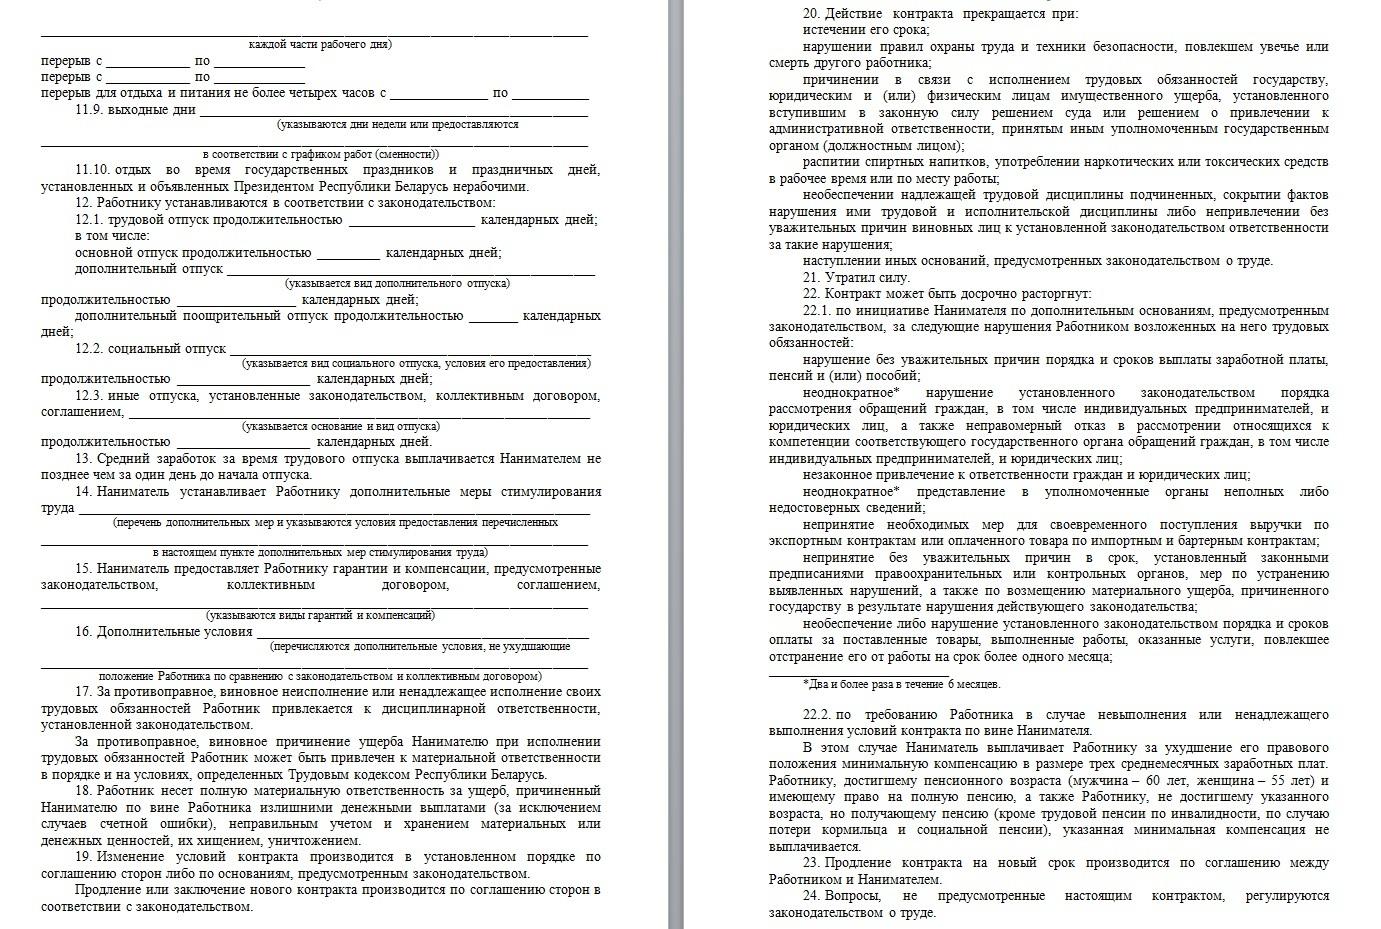 бланк трудового договора между работником и ип